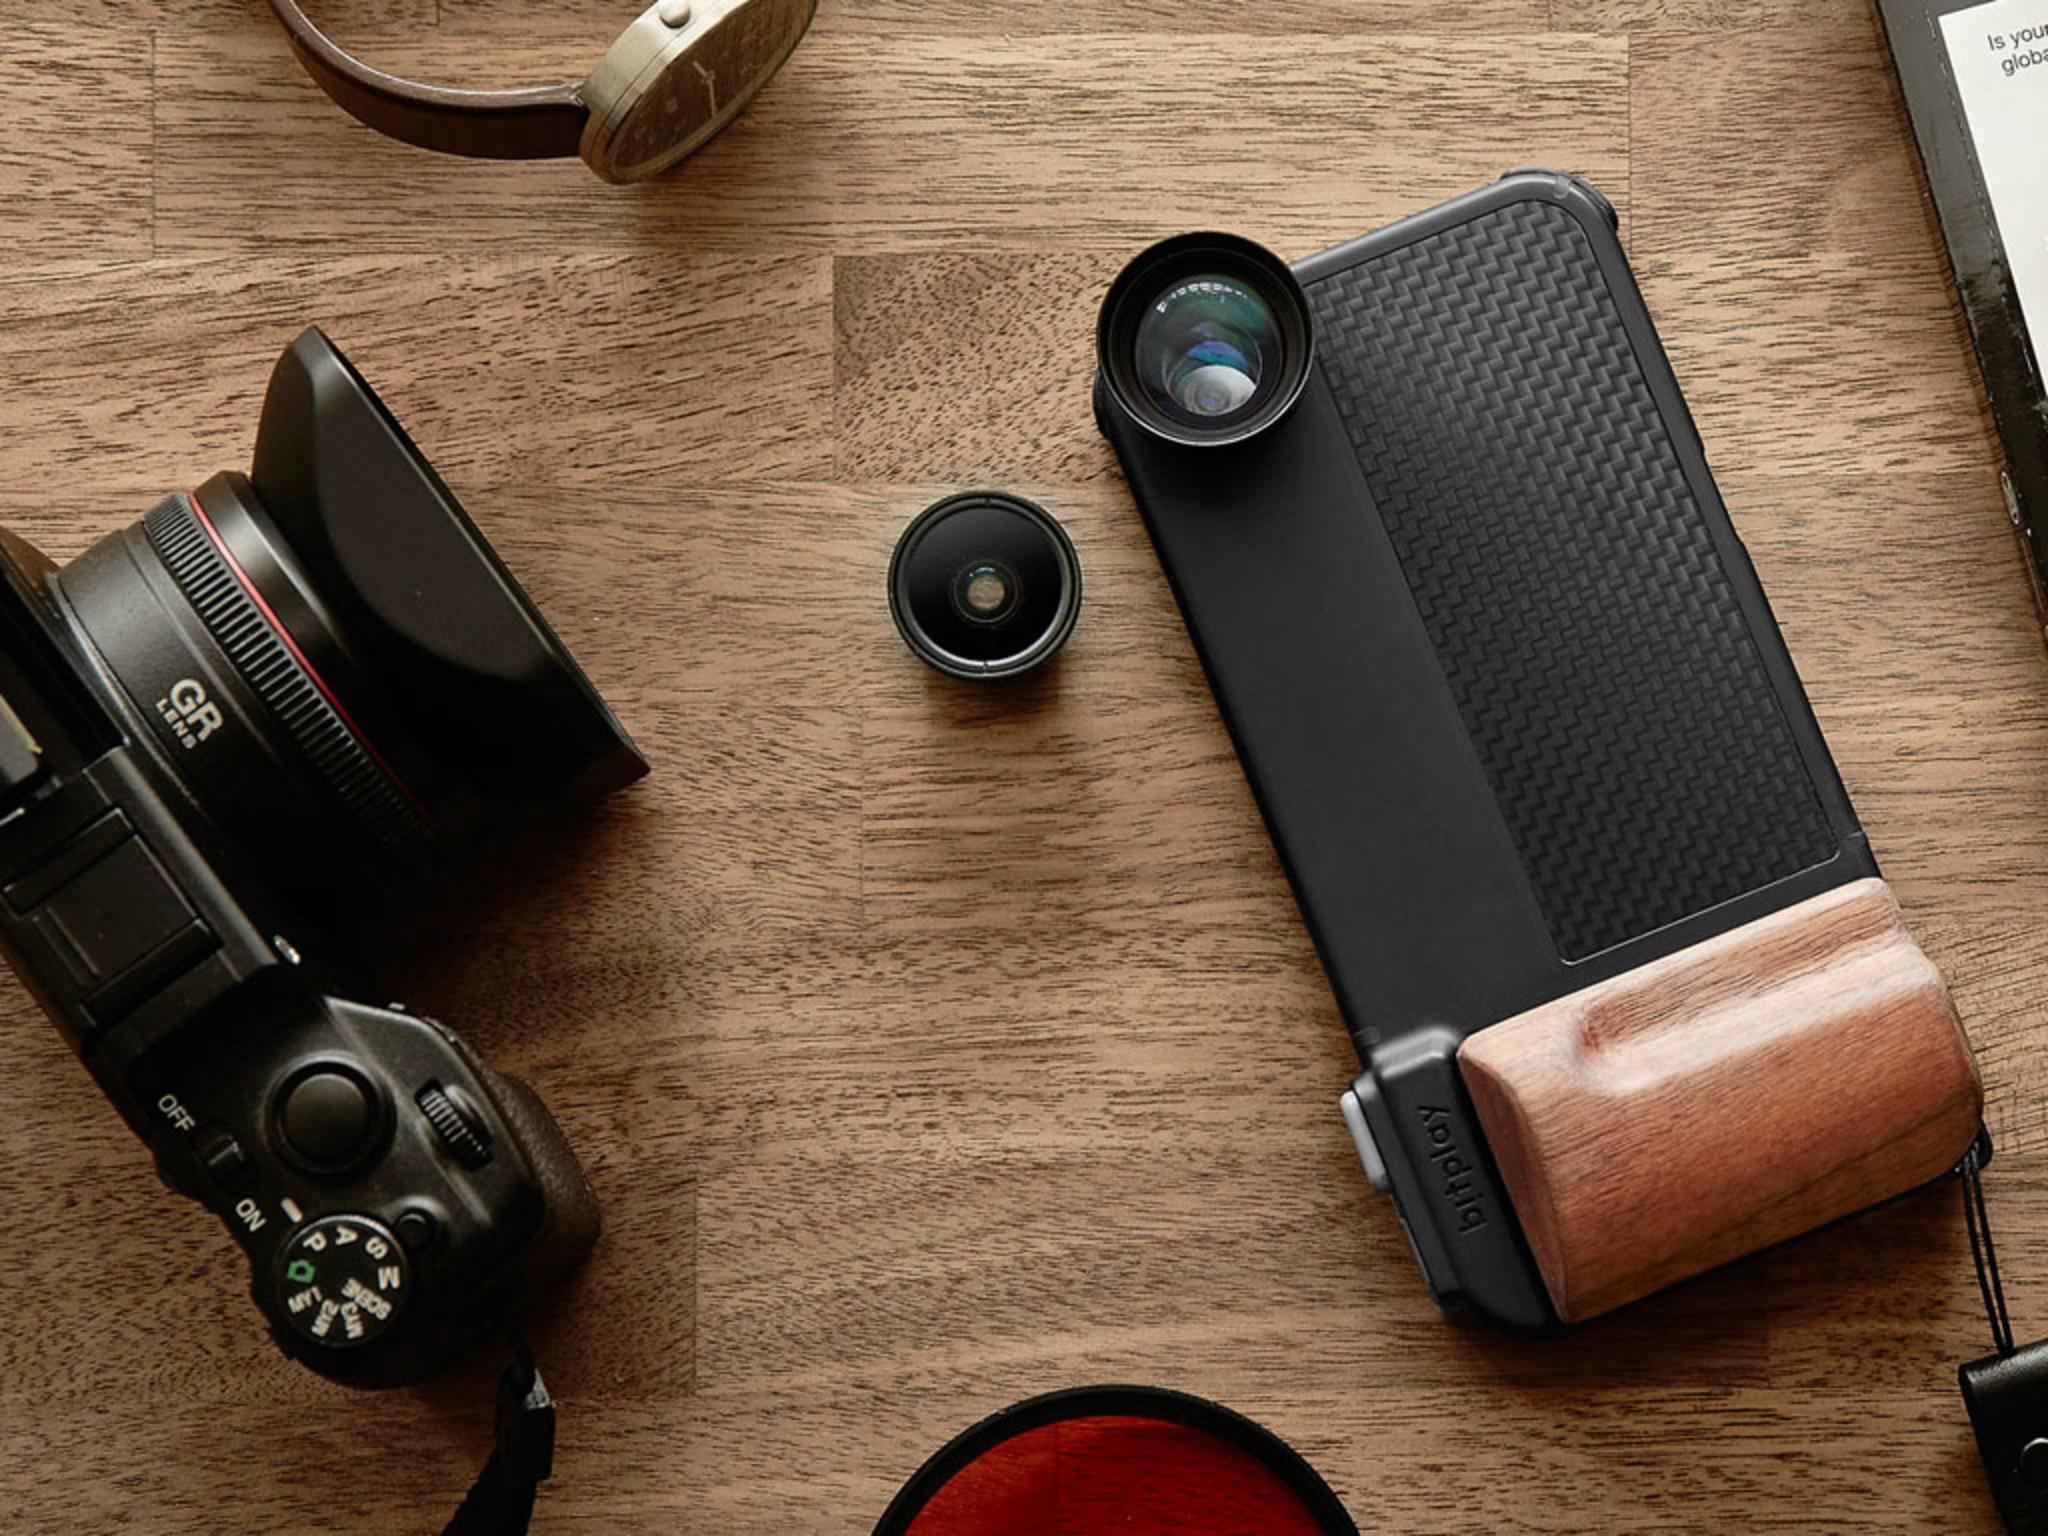 Mit diesen 8 Gadgets macht die iPhone-Kamera noch mehr Spaß.